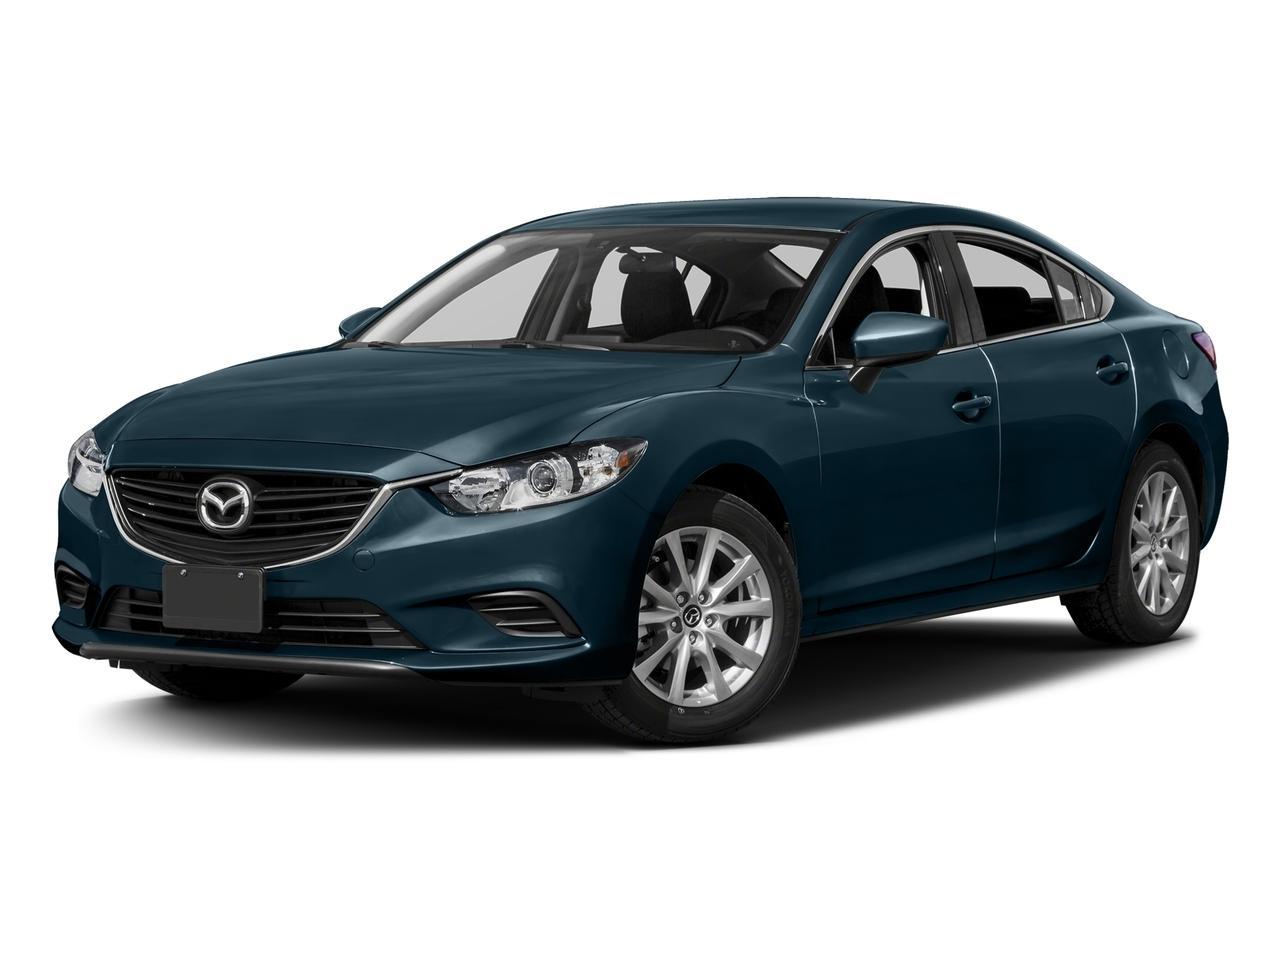 2016 Mazda Mazda6 Vehicle Photo in Melbourne, FL 32901